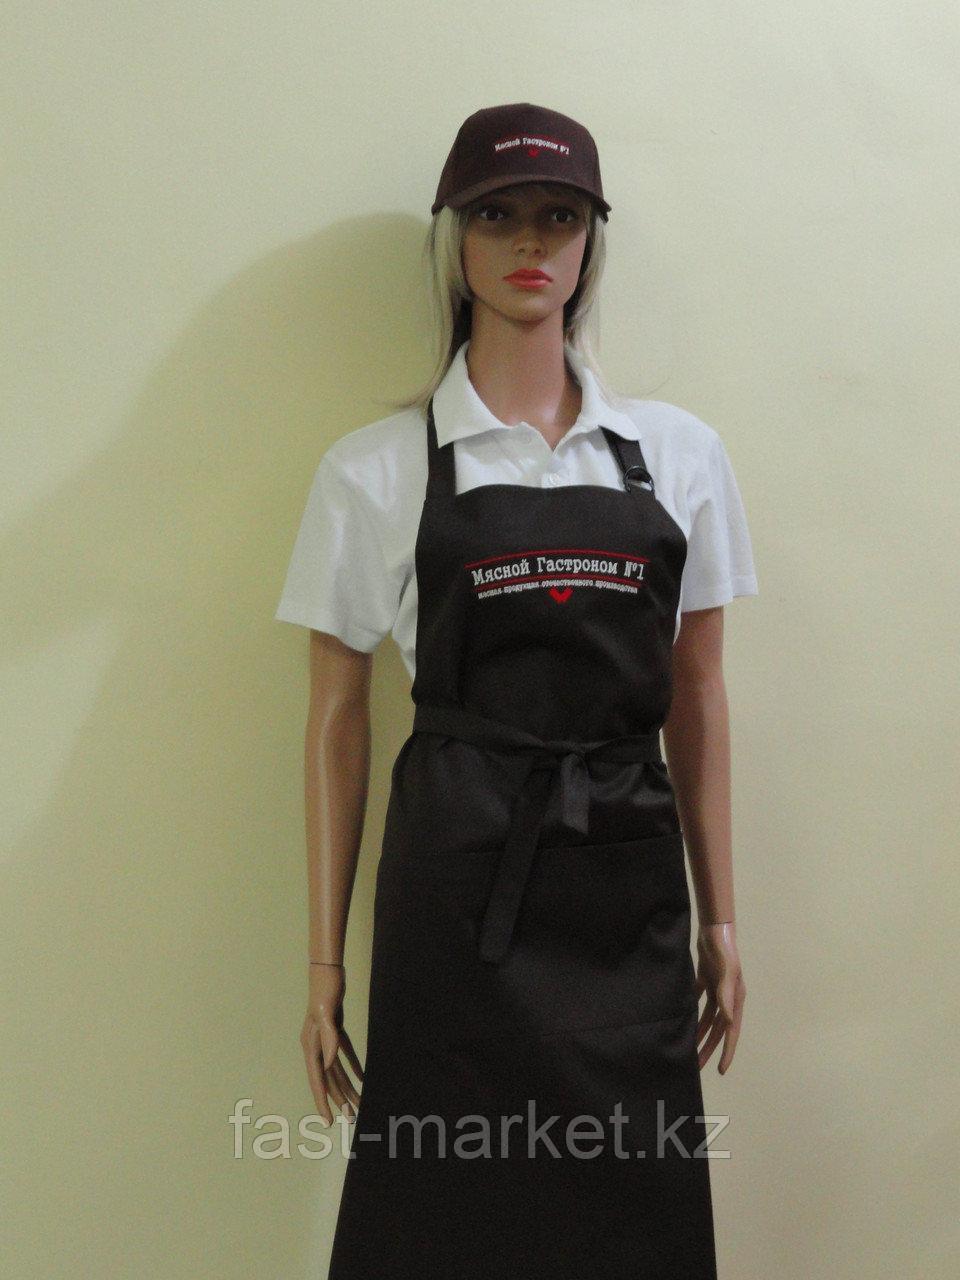 Униформа продавца гастрономии